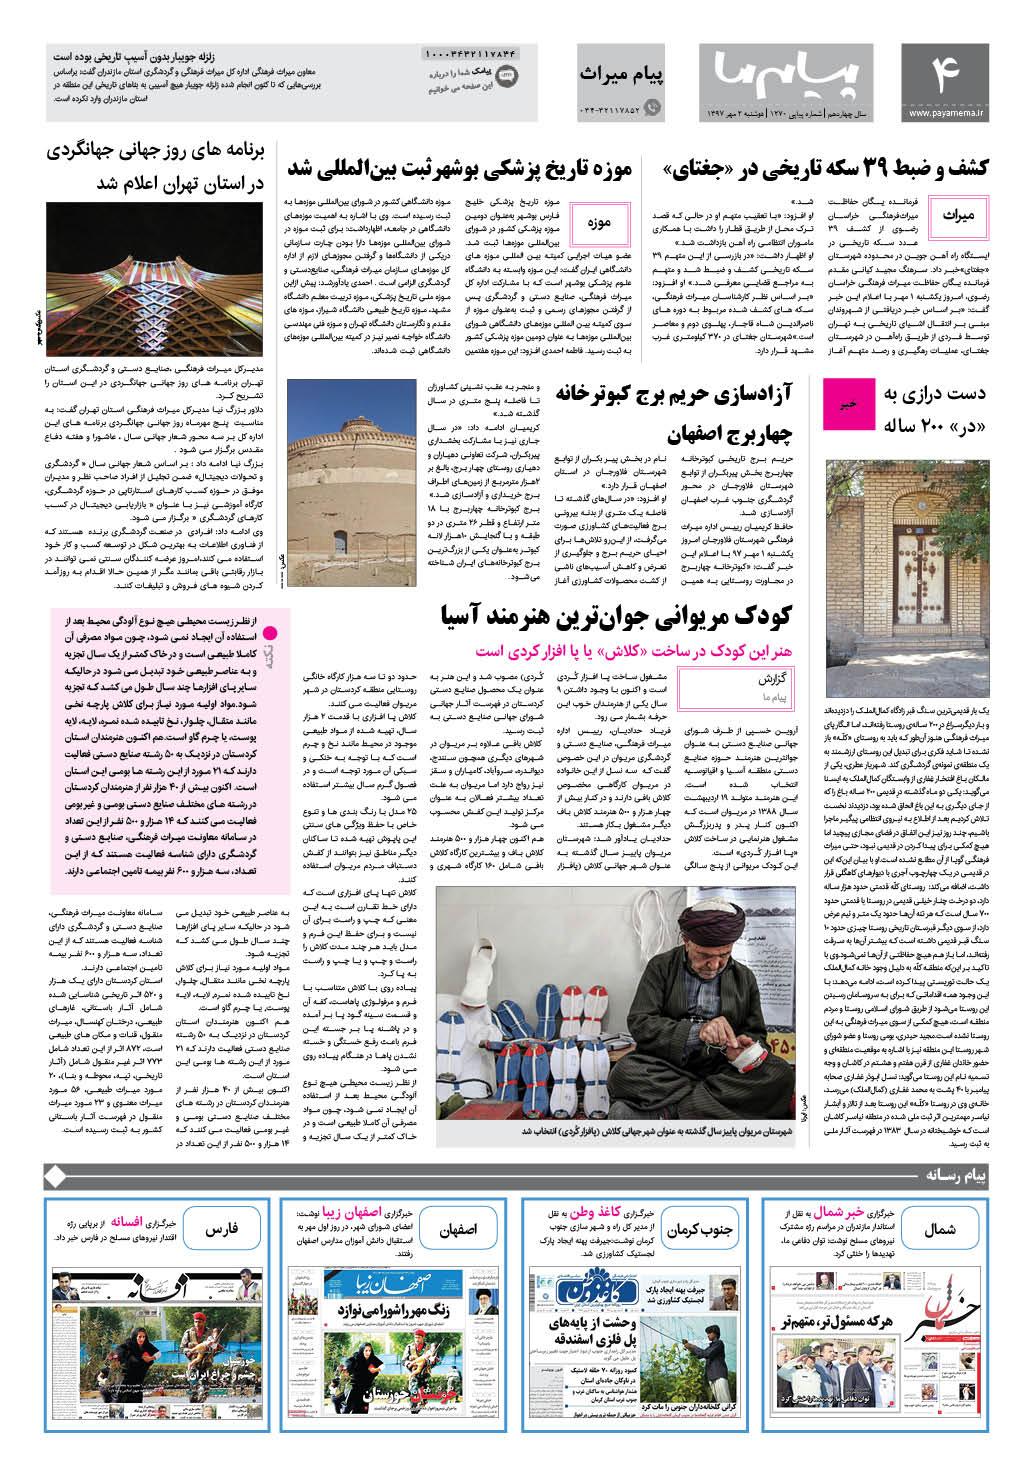 صفحه پیام میراث شماره ۱۲۷۰ روزنامه پیام ما